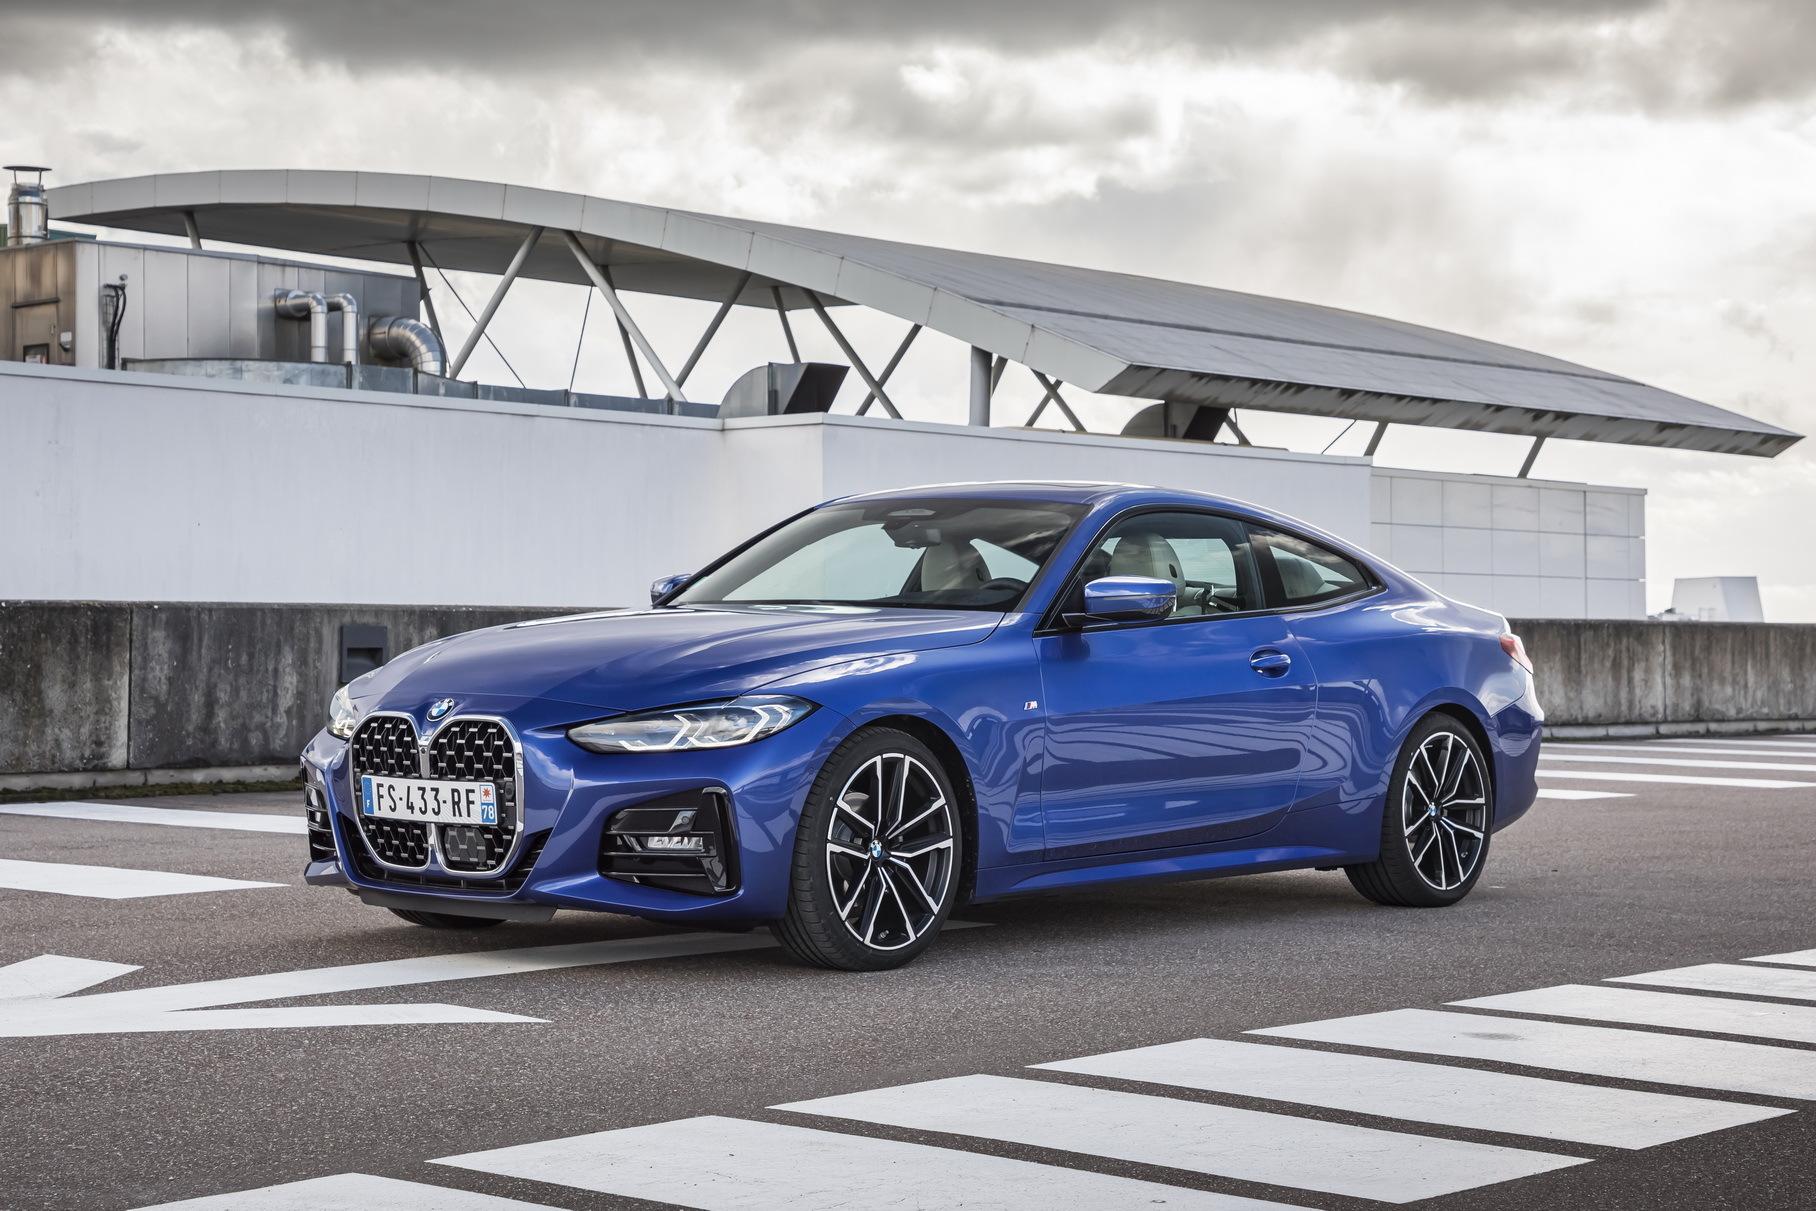 У новой BMW 4-Series появились версии с турбодизелем 3.0